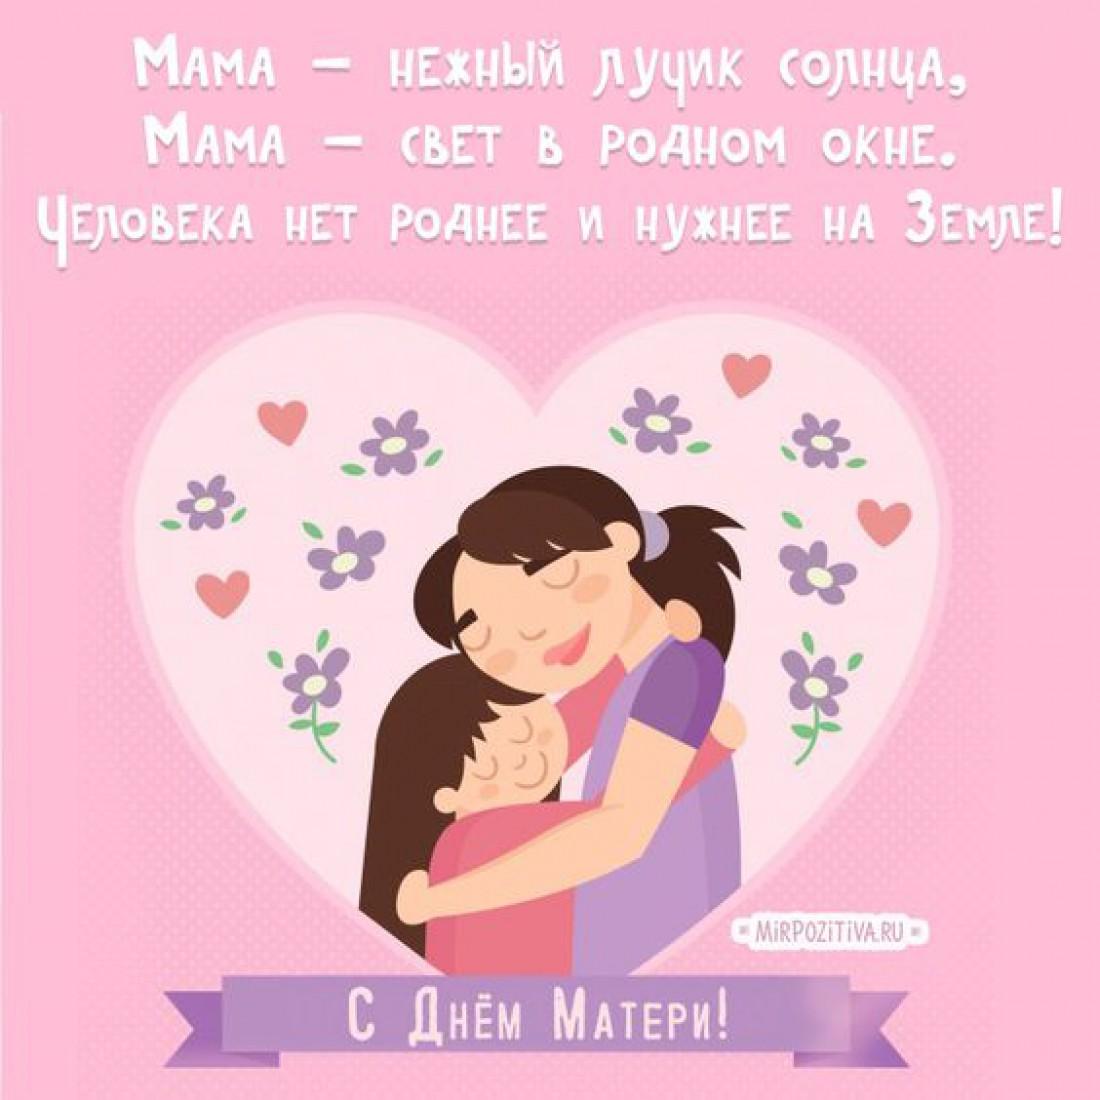 Поздравления с Днем матери: Трогательные открытки